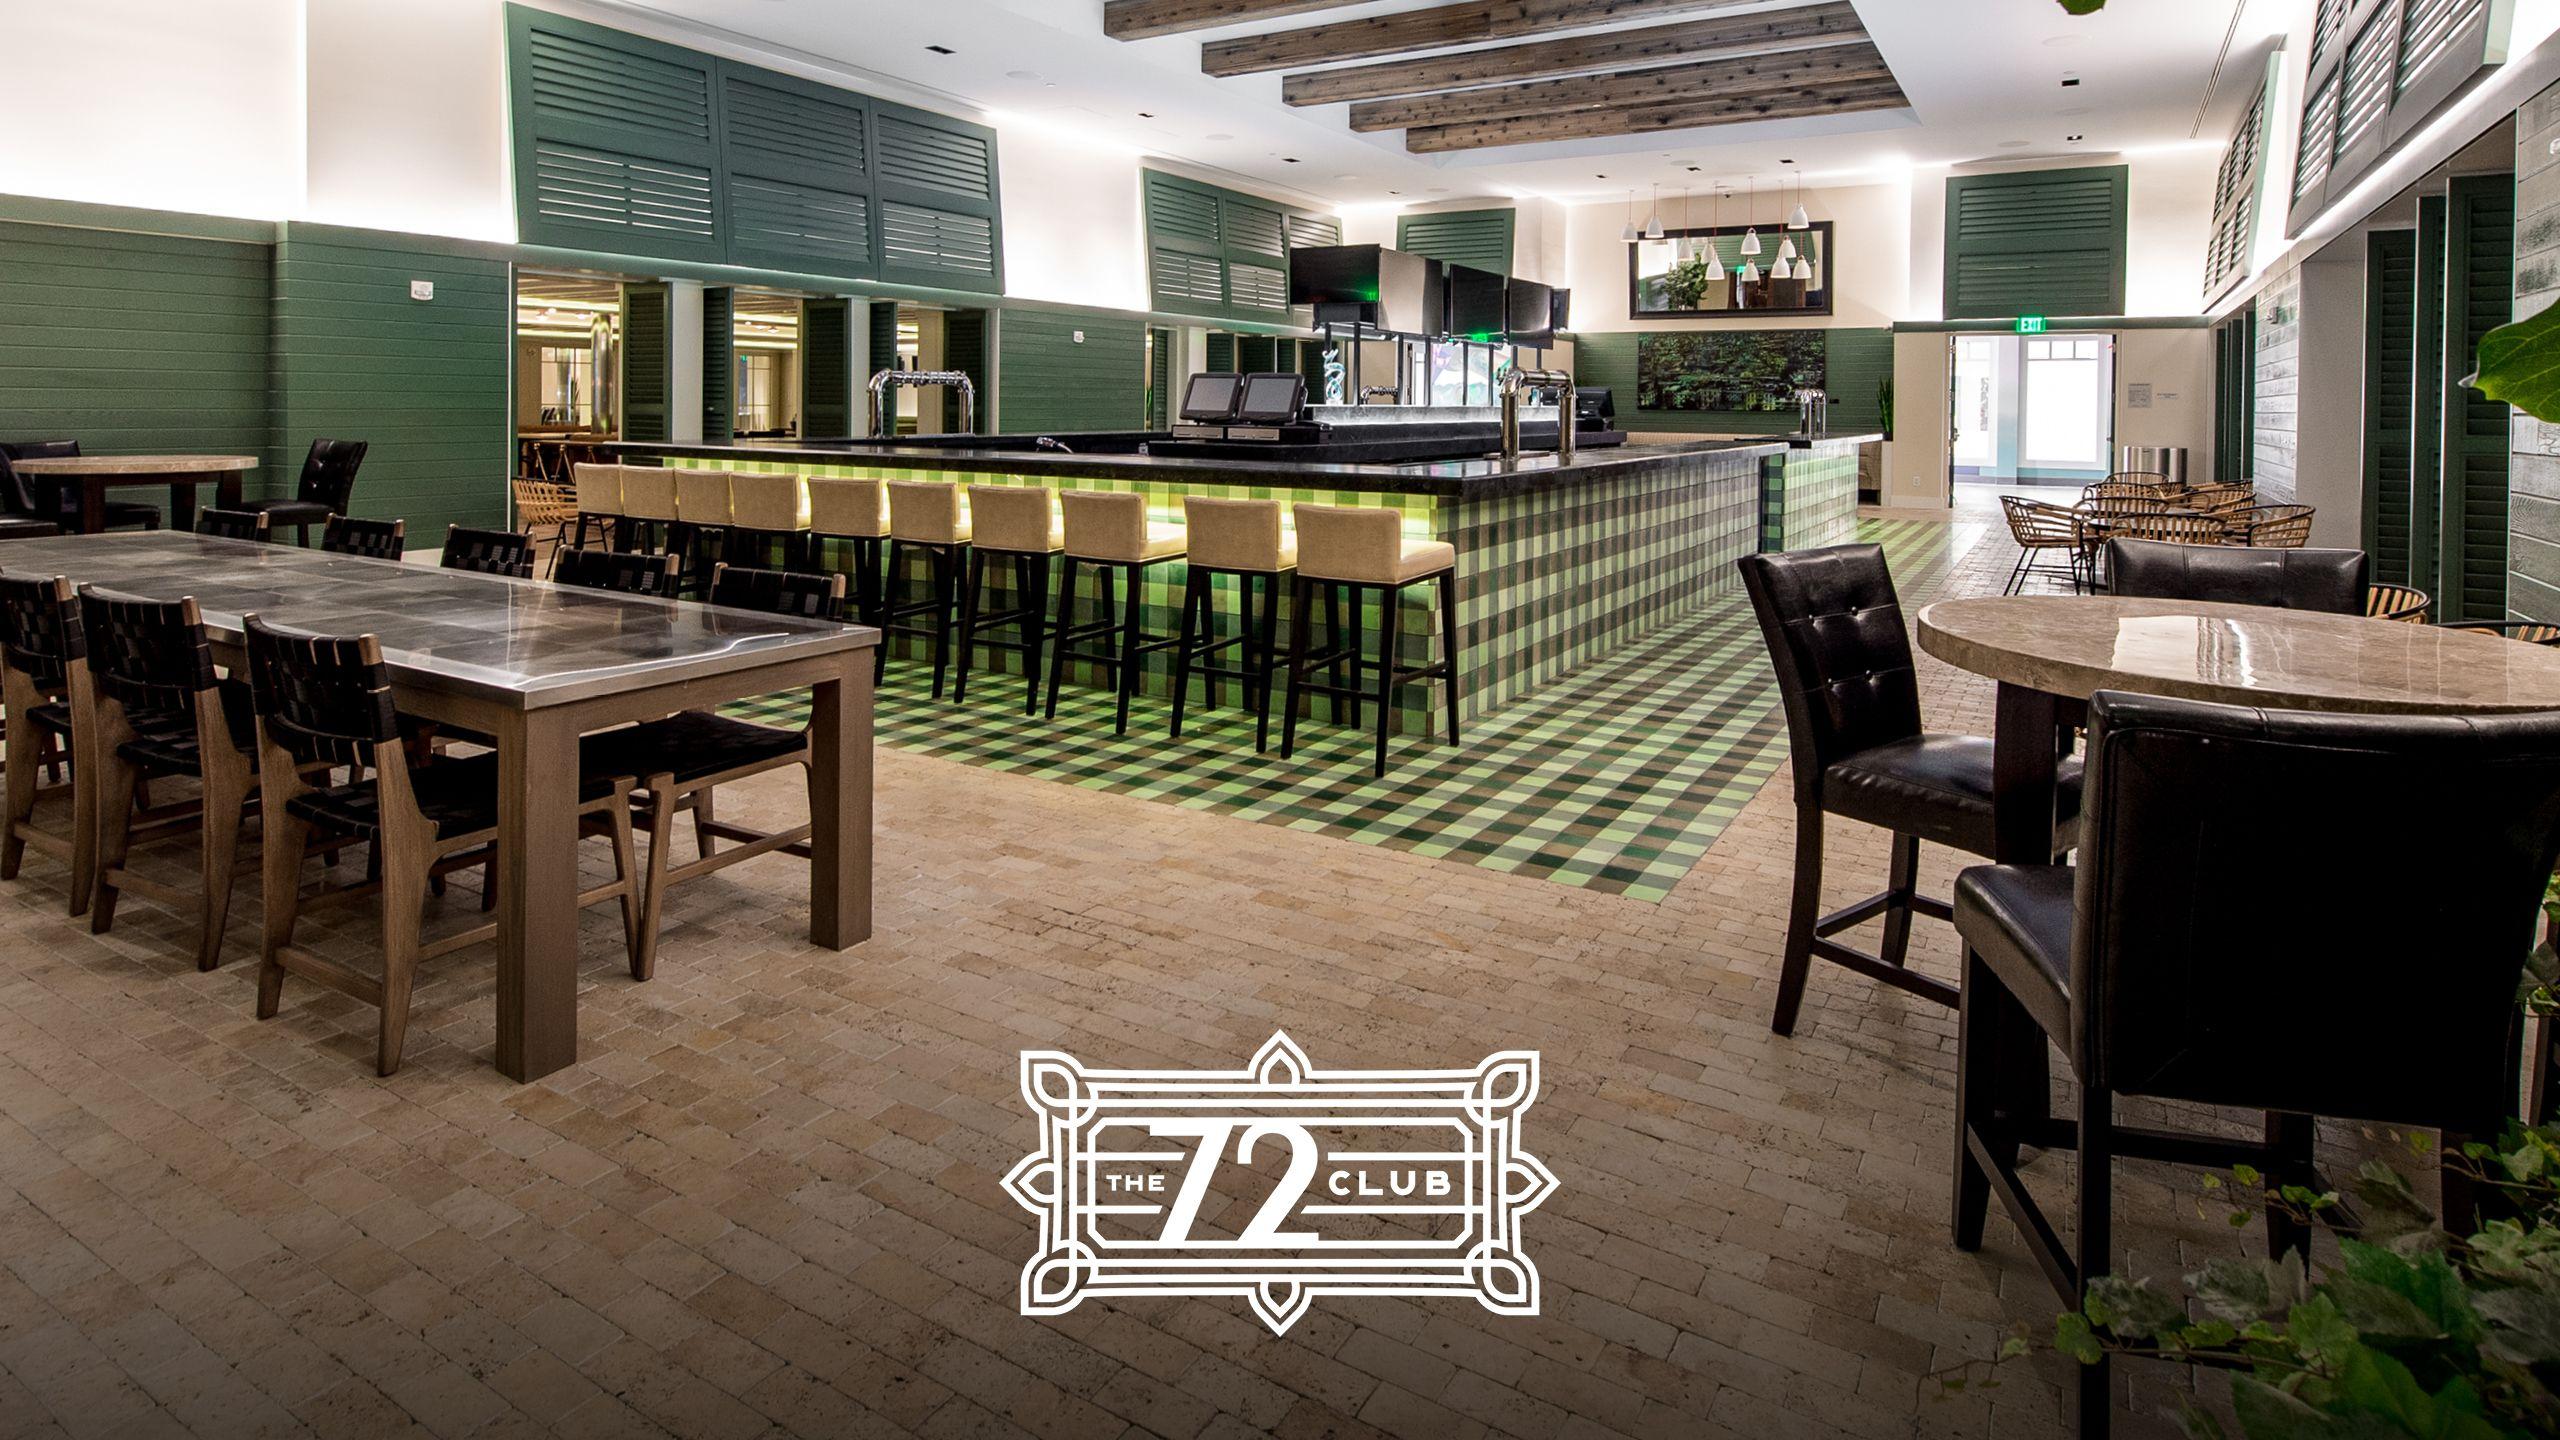 Header: The 72 Club